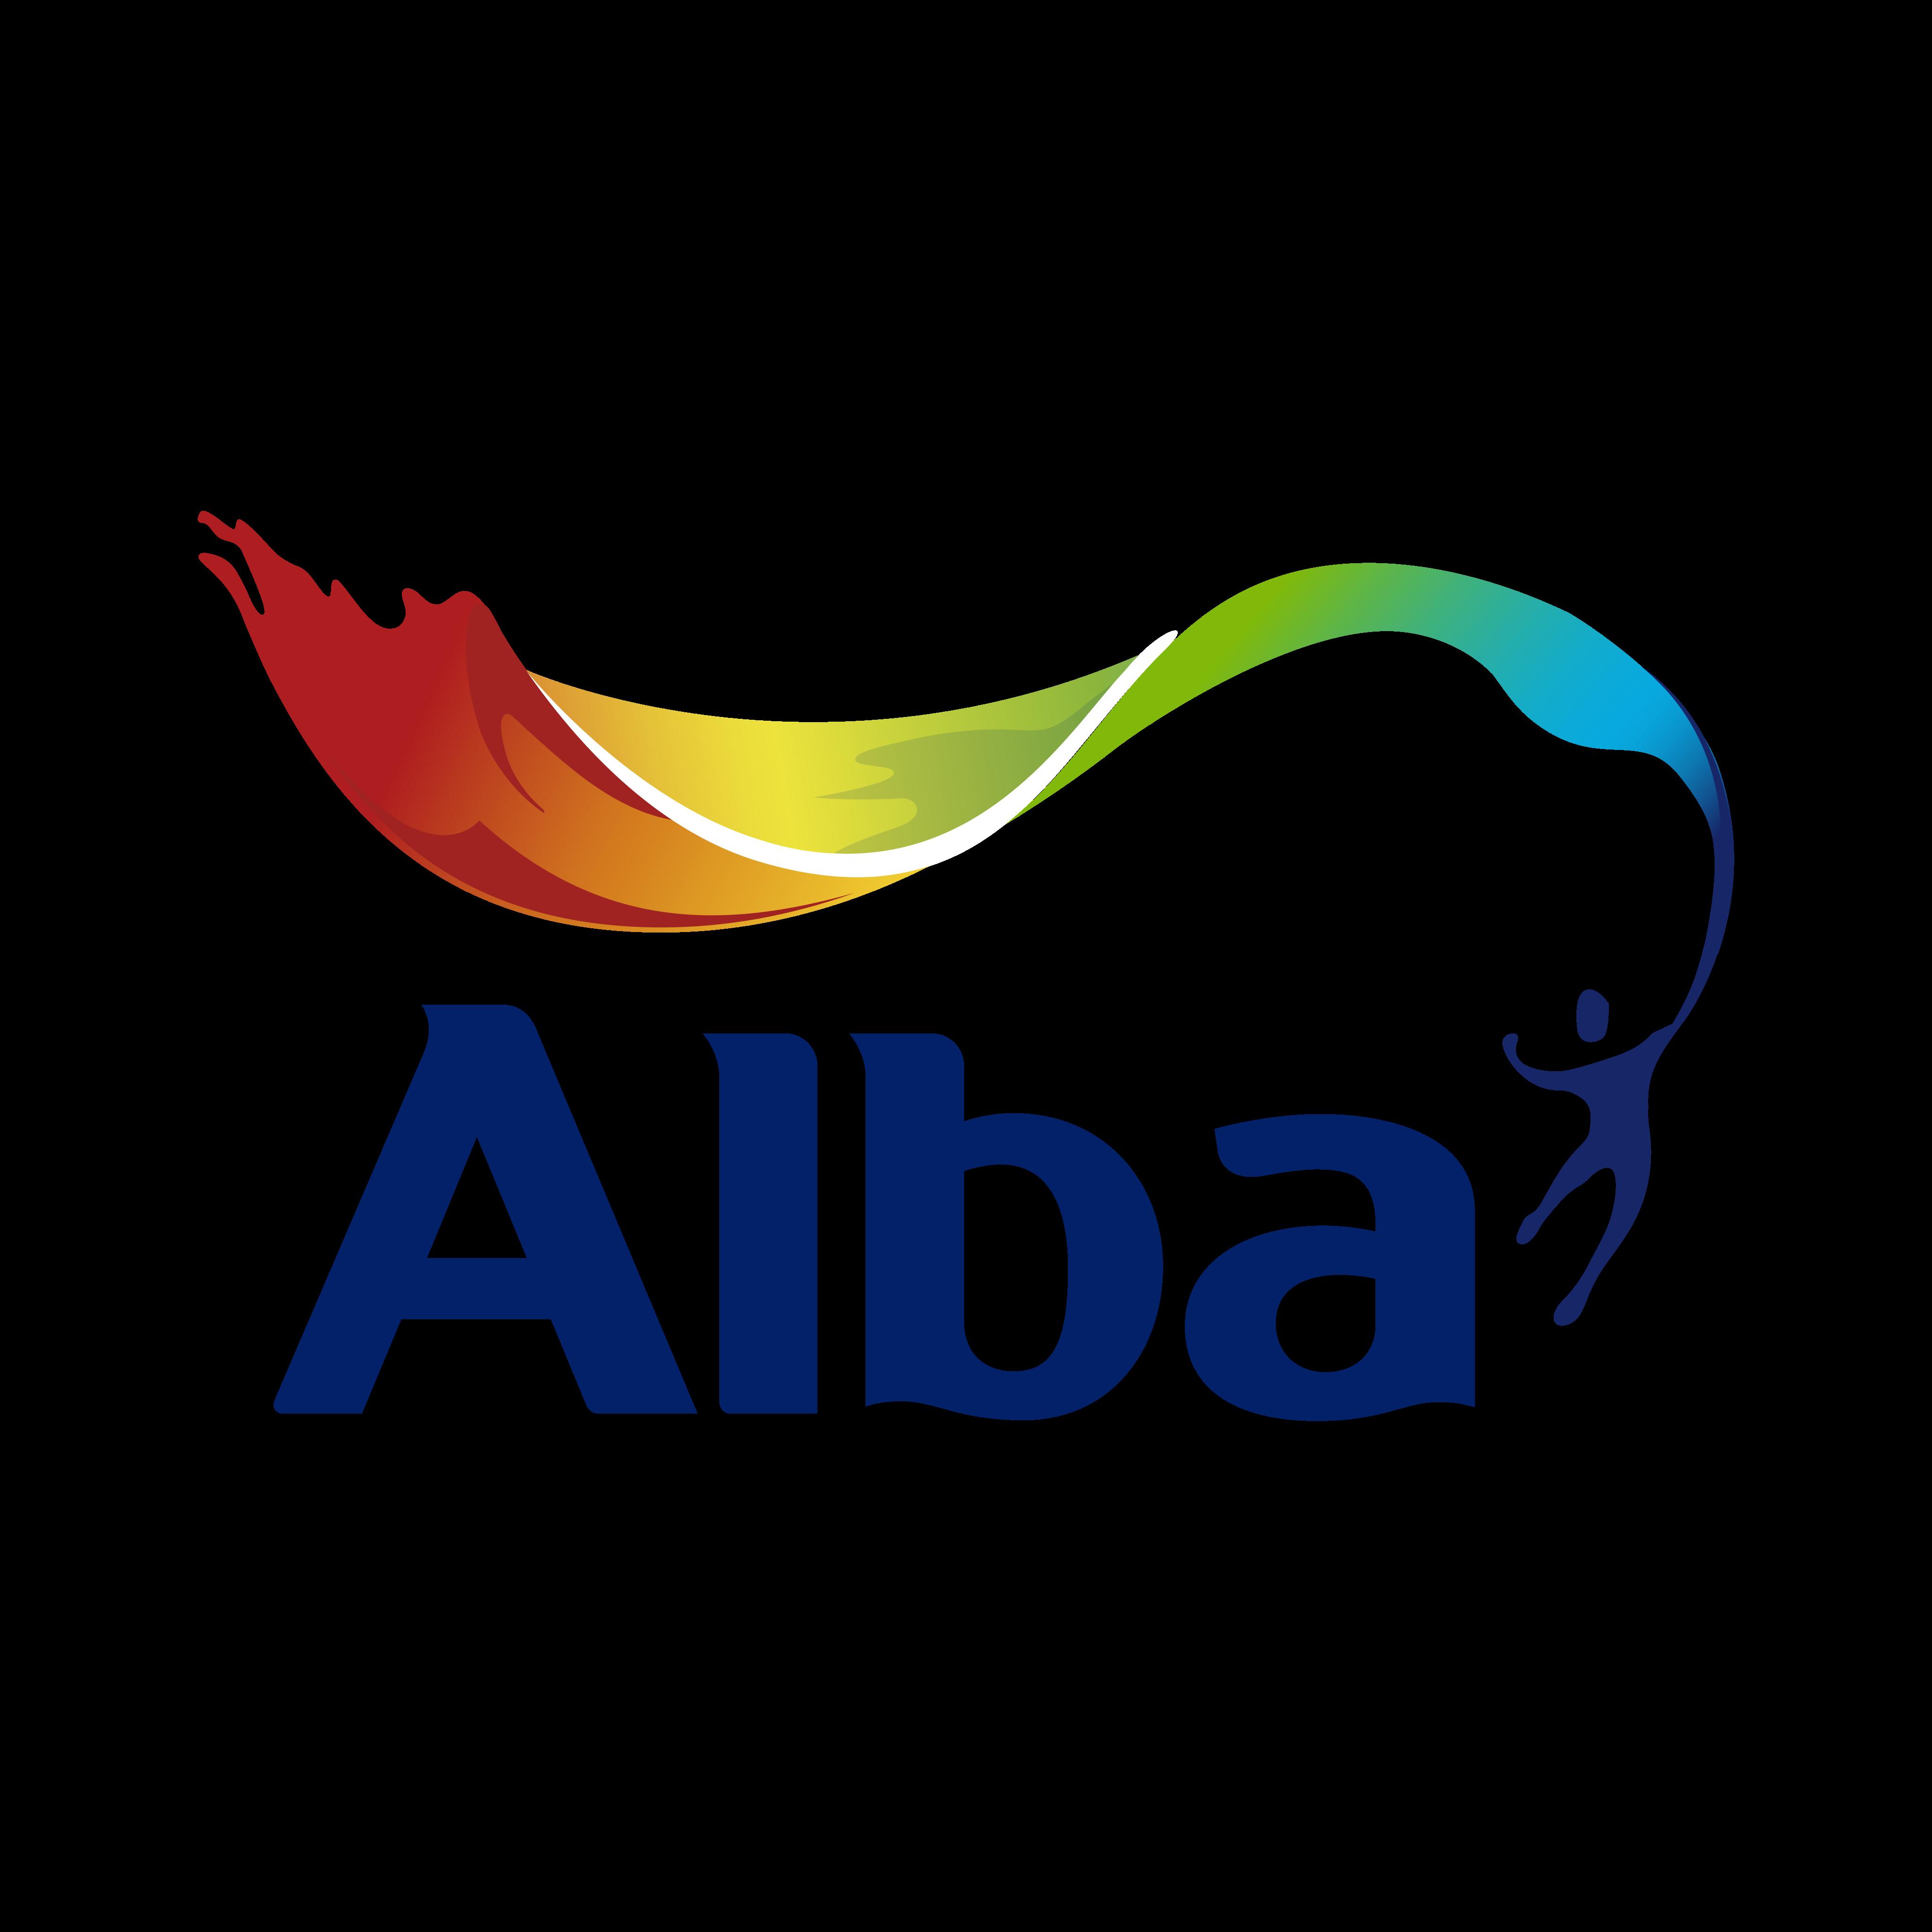 alba logo 0 - Alba Logo